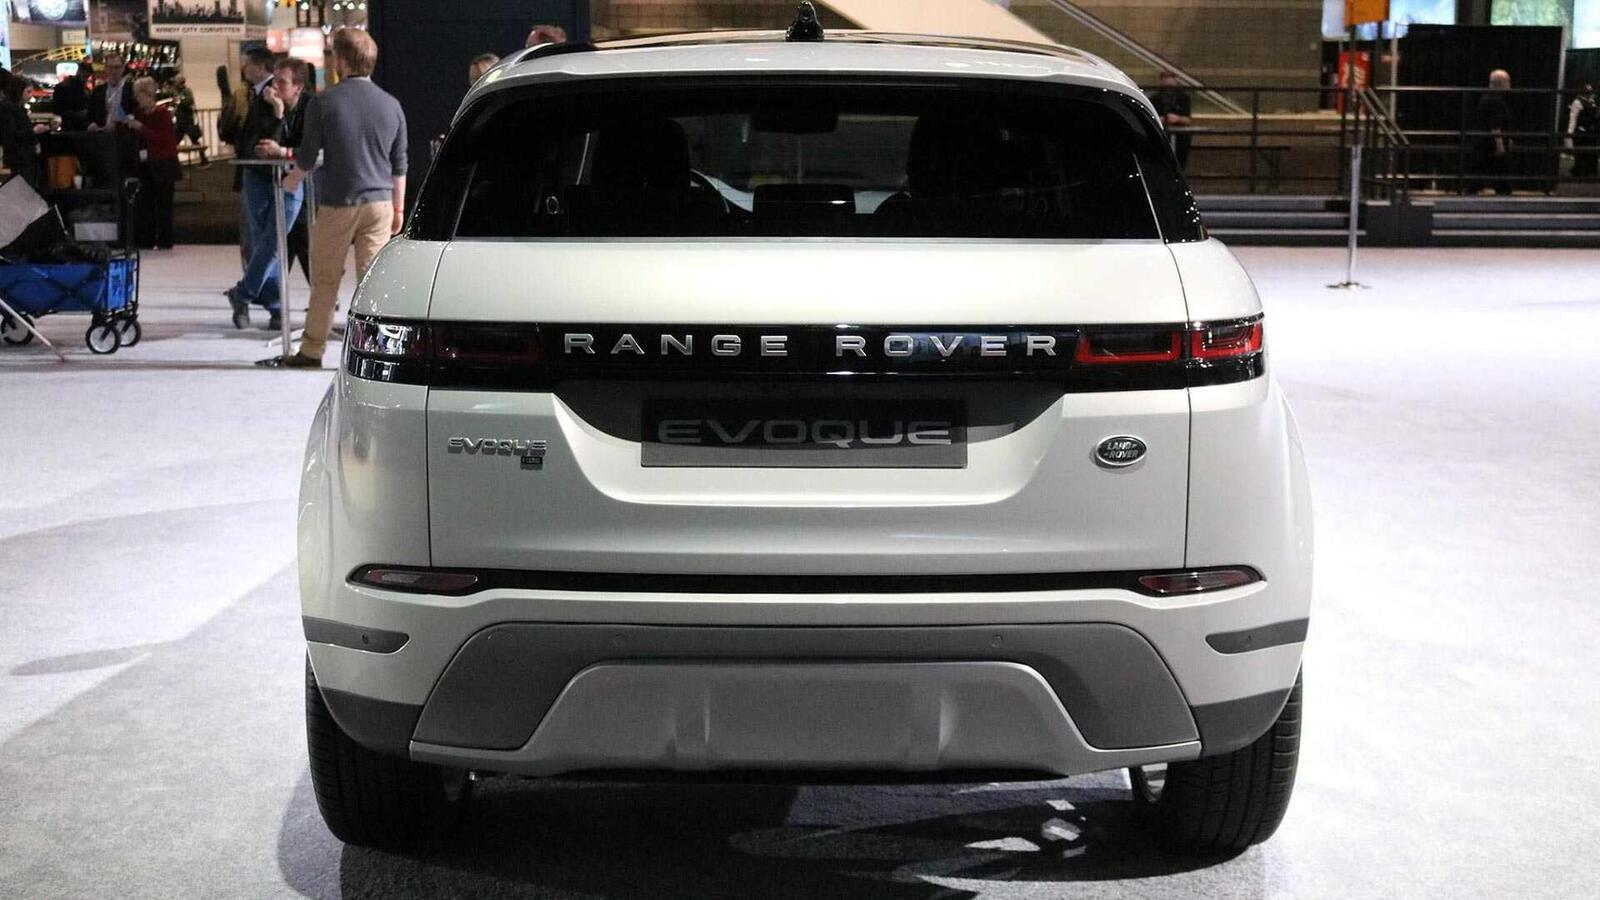 Range Rover Evoque mới tại Mỹ có giá từ 43.645 USD, đắt hơn Audi Q5 và Mercedes GLC - Hình 4